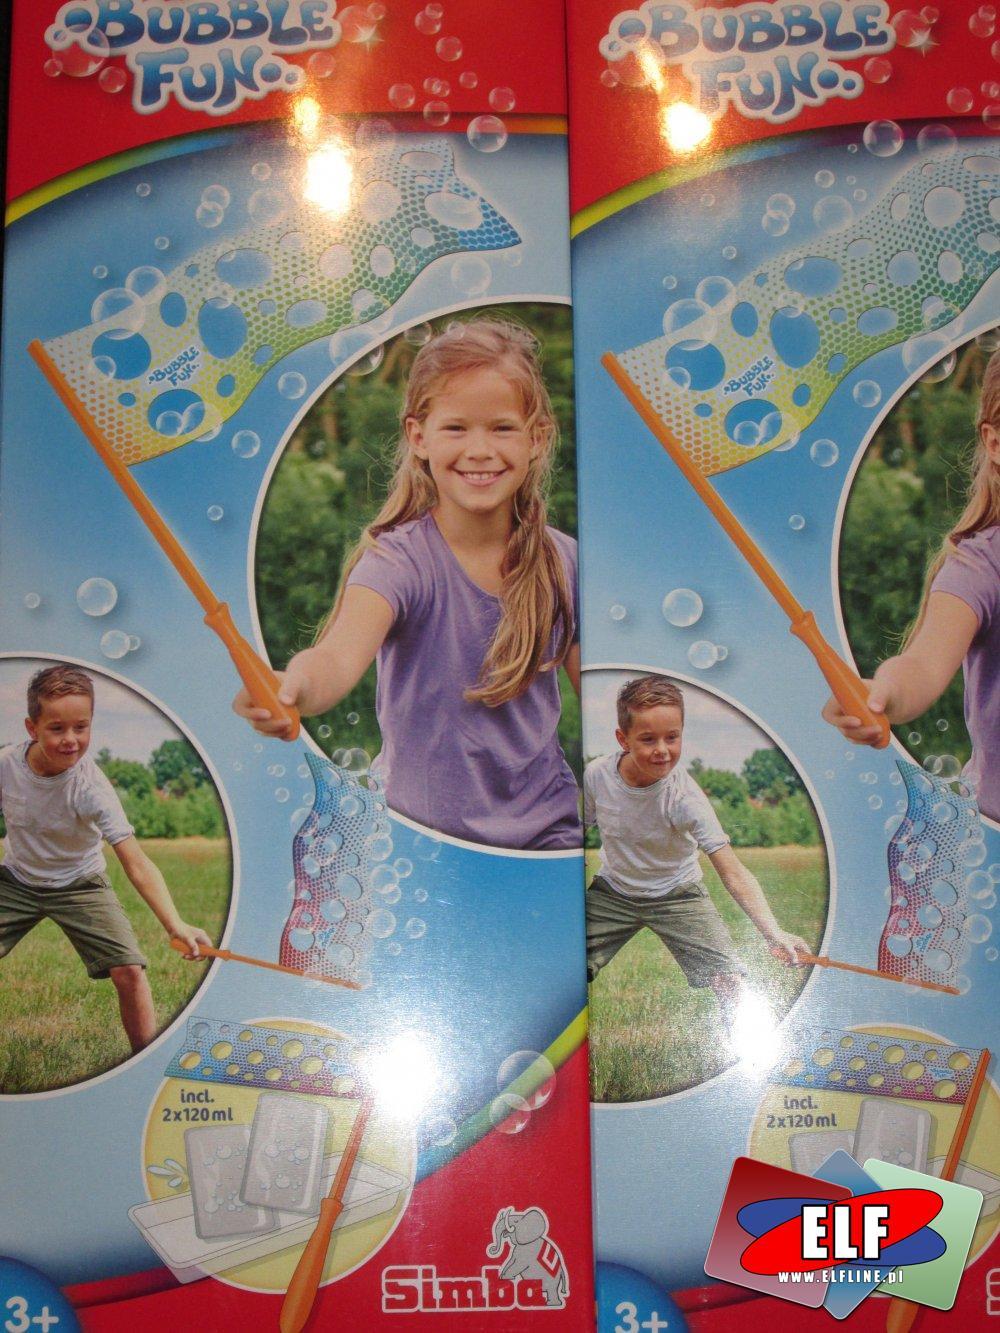 Bubble Fun, Simba, Sprzęt do puszczania baniek mydlanych, Bańki mydlane